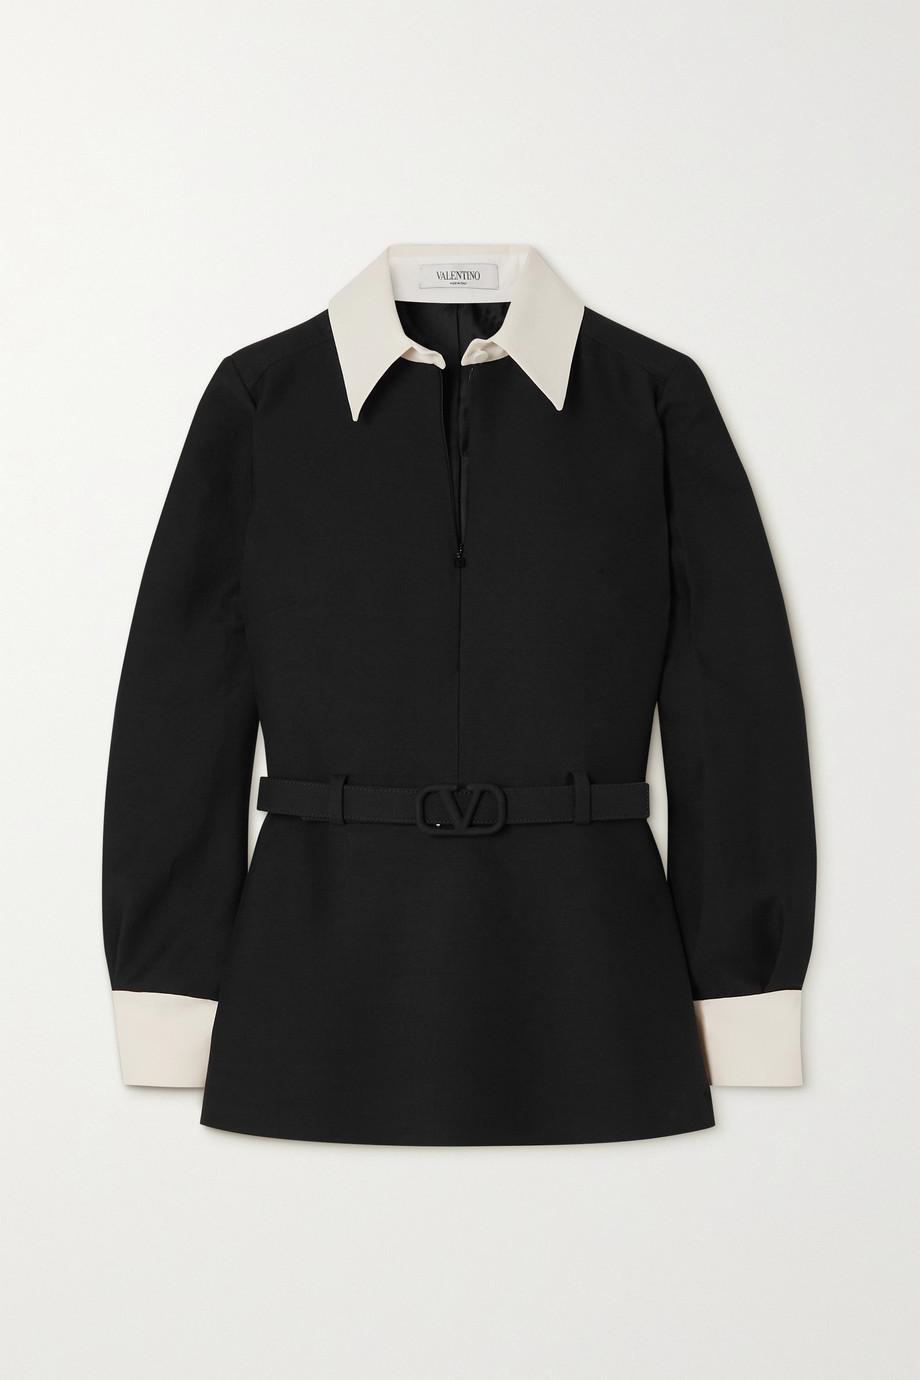 Valentino Zweifarbiges Hemd aus Crêpe aus einer Woll-Seidenmischung mit Gürtel